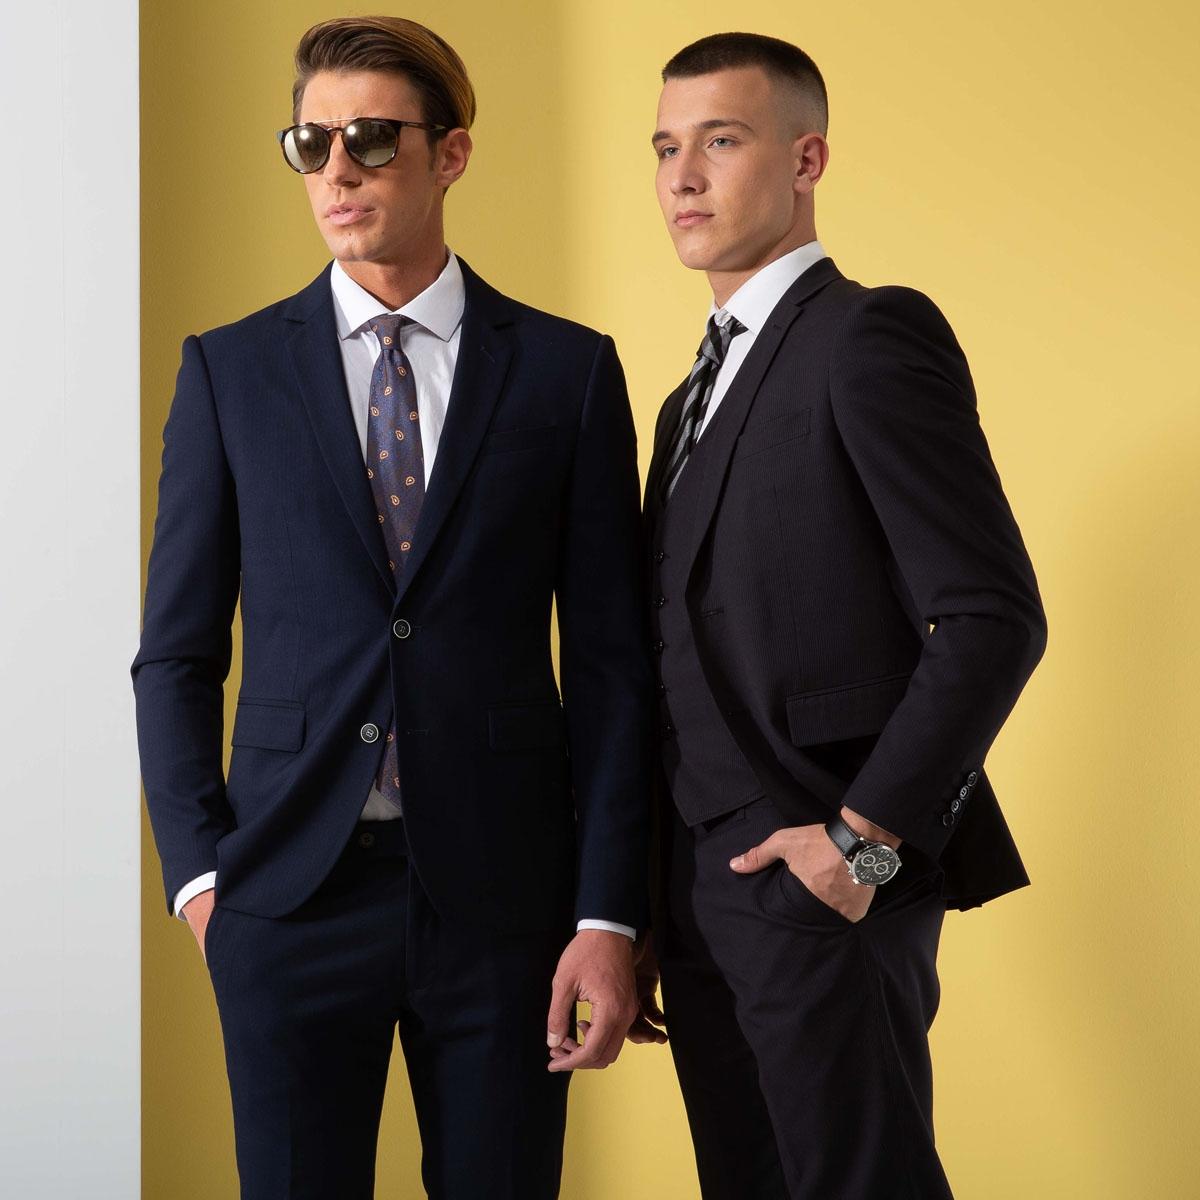 blazer-cuffs